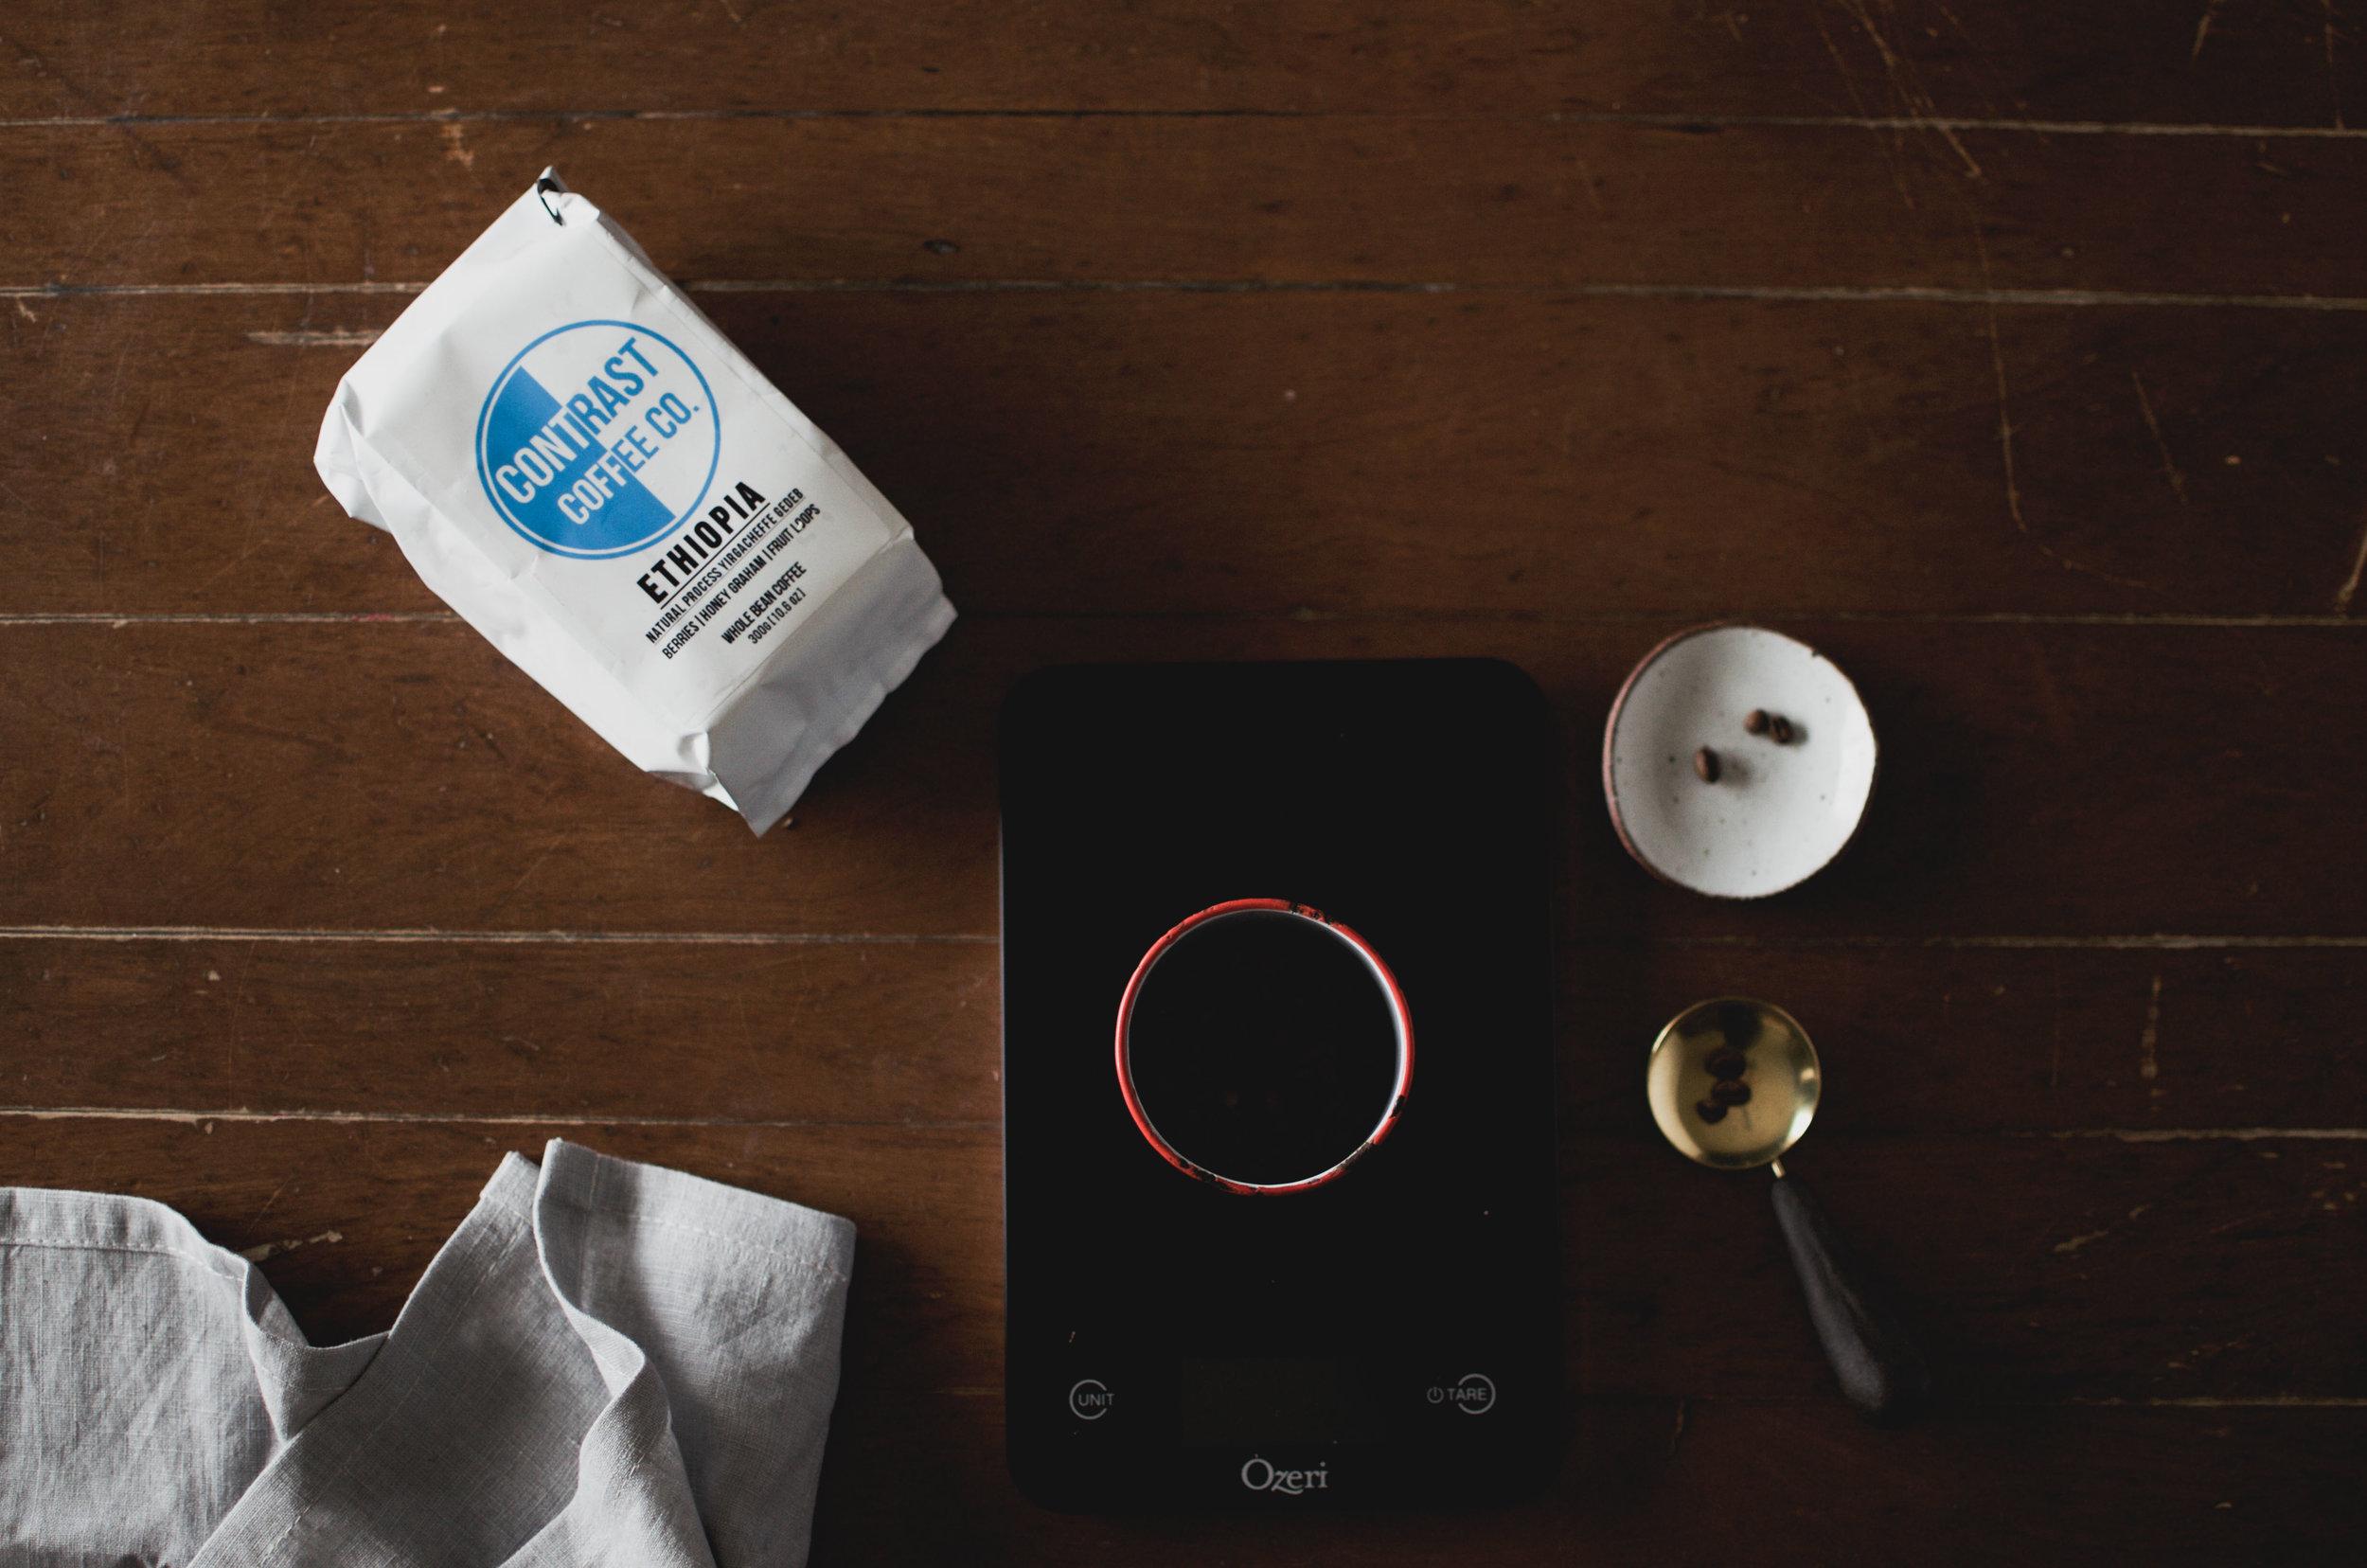 Wendling_Boyd_Daily_Brew_Coffee_Day_Contrast_Coffee-2.jpg